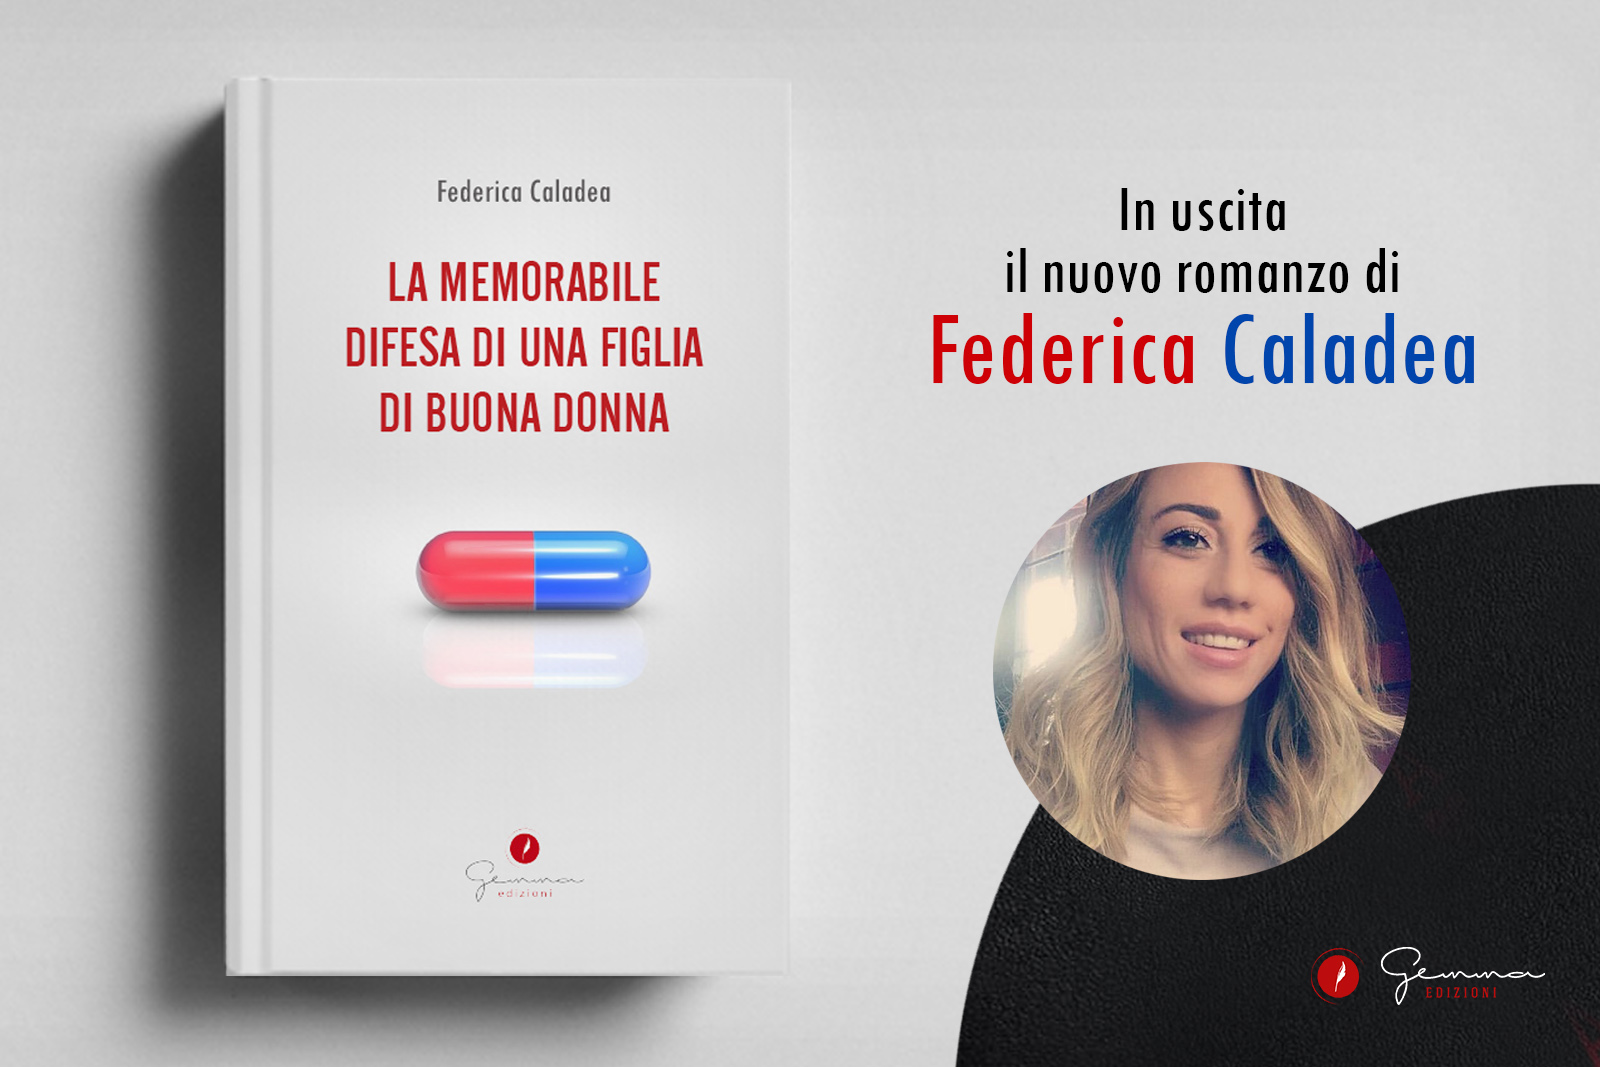 immagine-x-articolo-Federica-Caladea.jpg